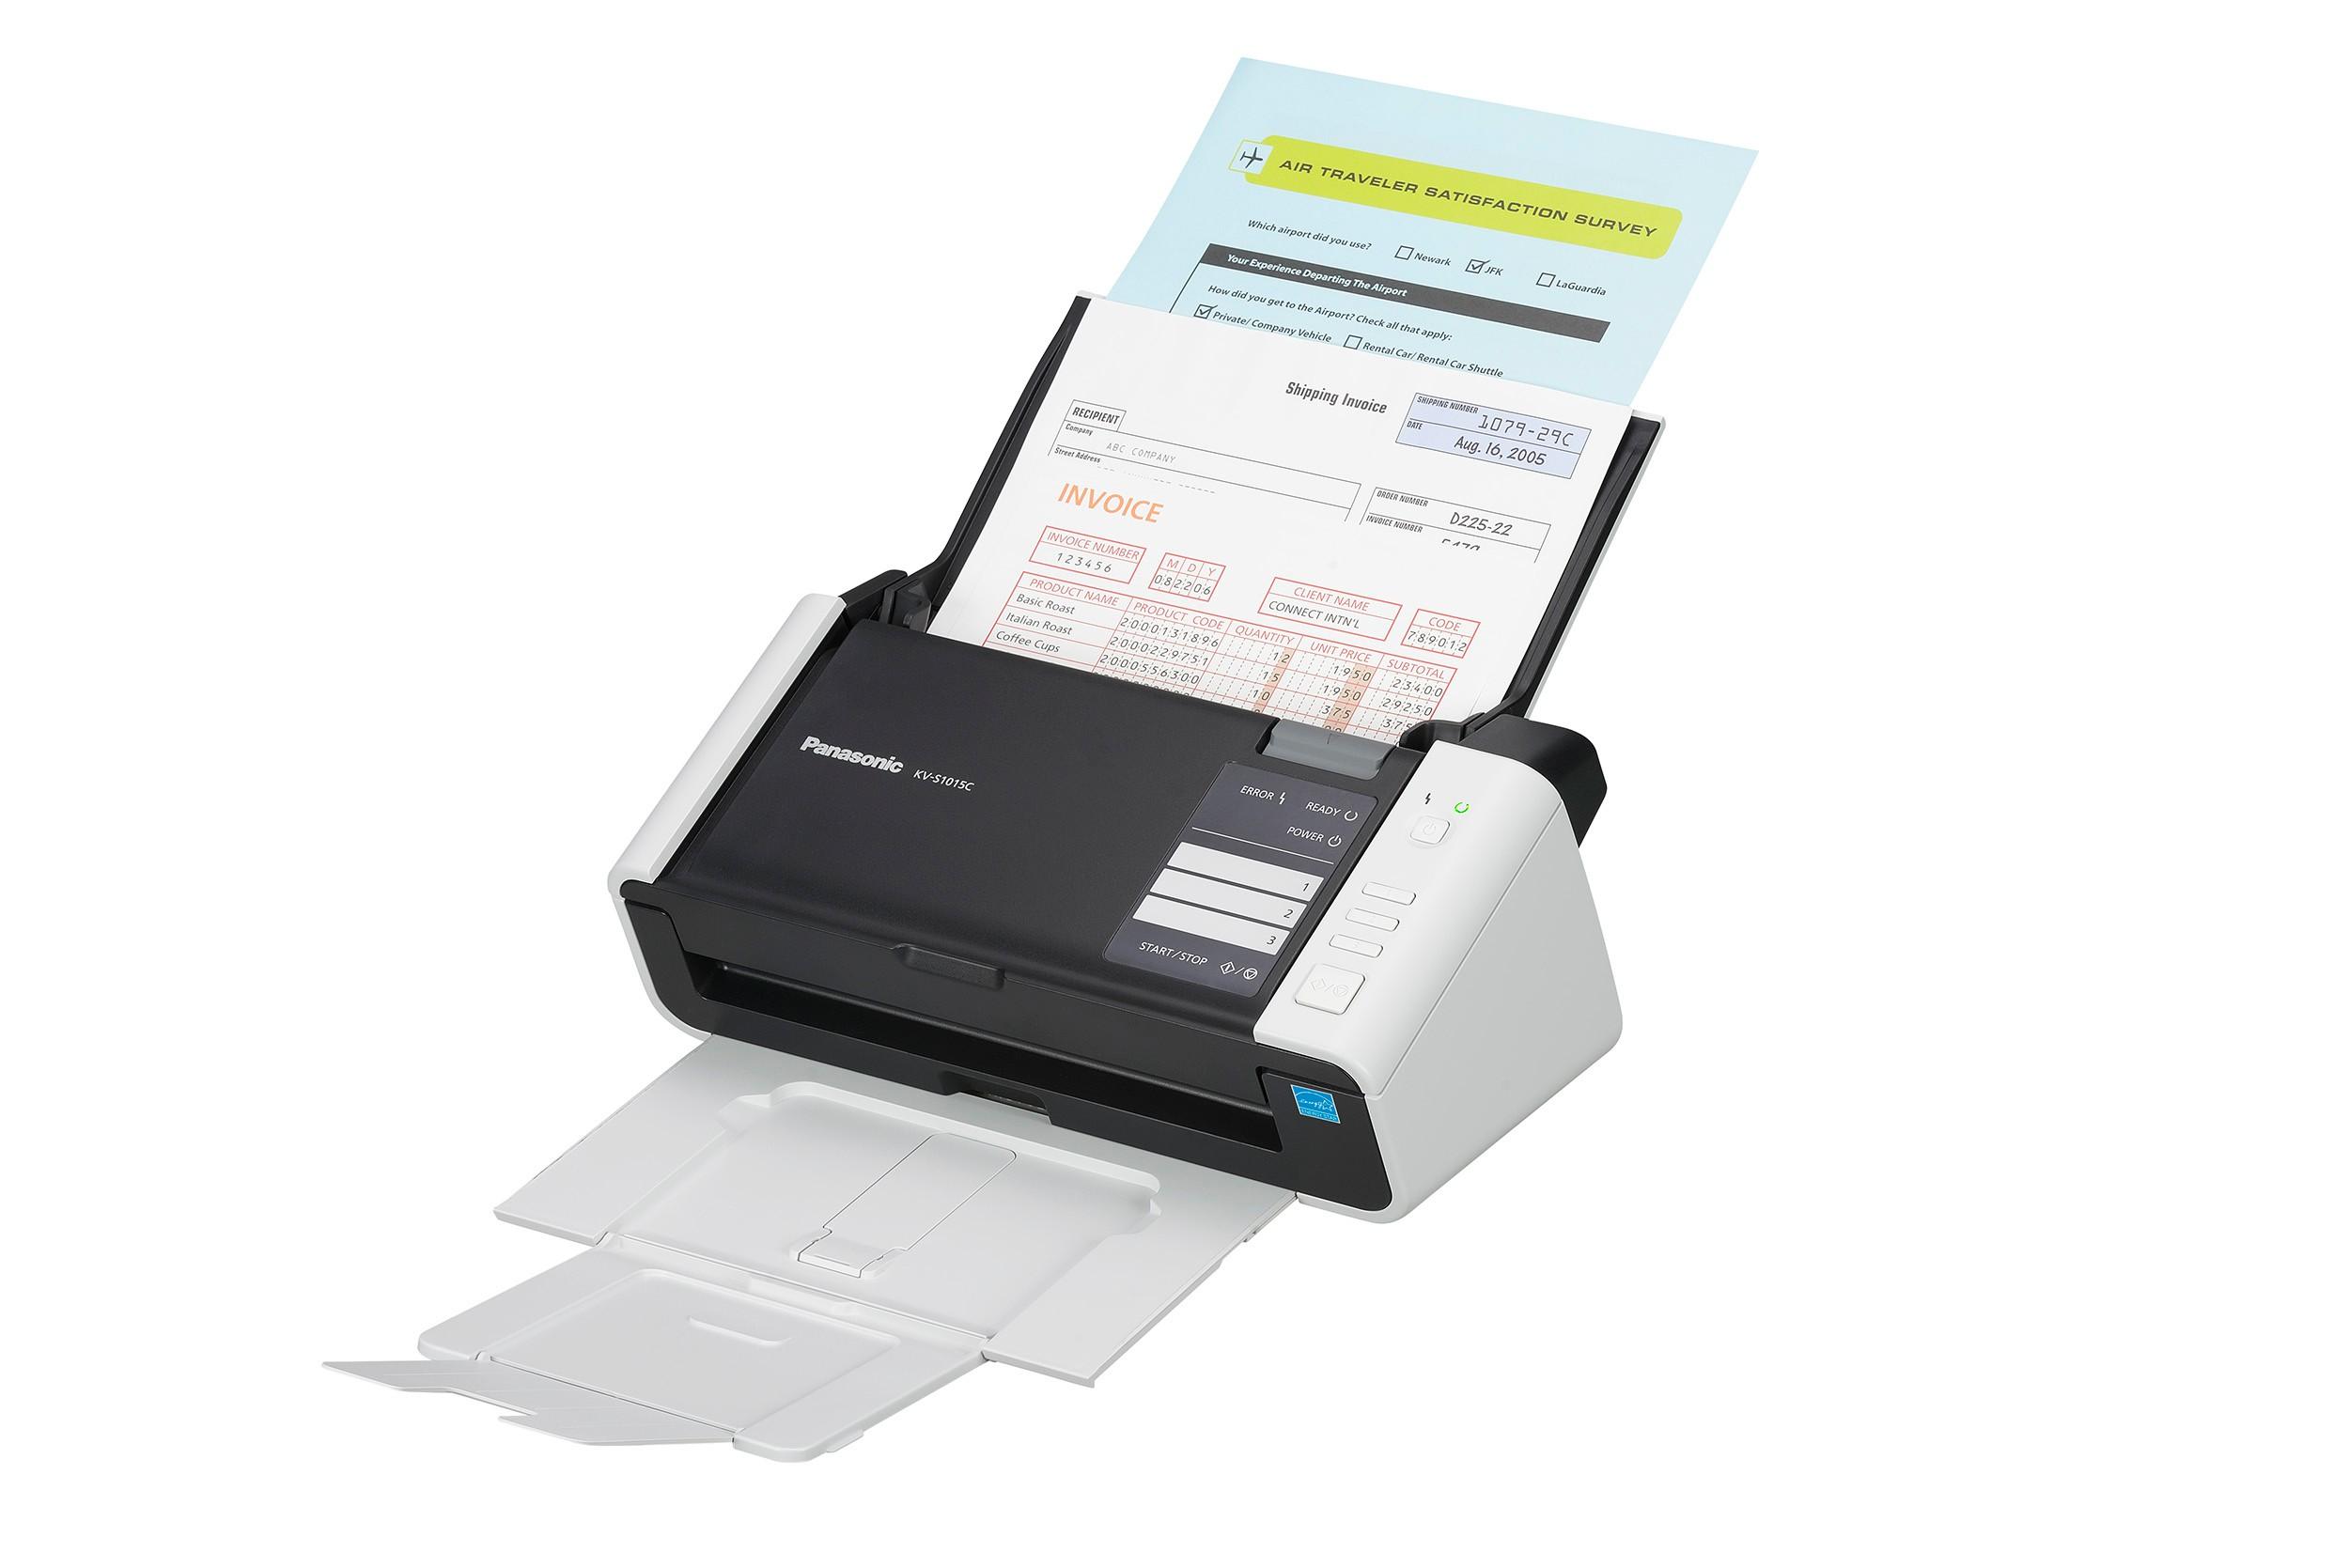 250 kv s1015c 006 - BIS VIETNAM phân phối máy quét tài liệu Panasonic